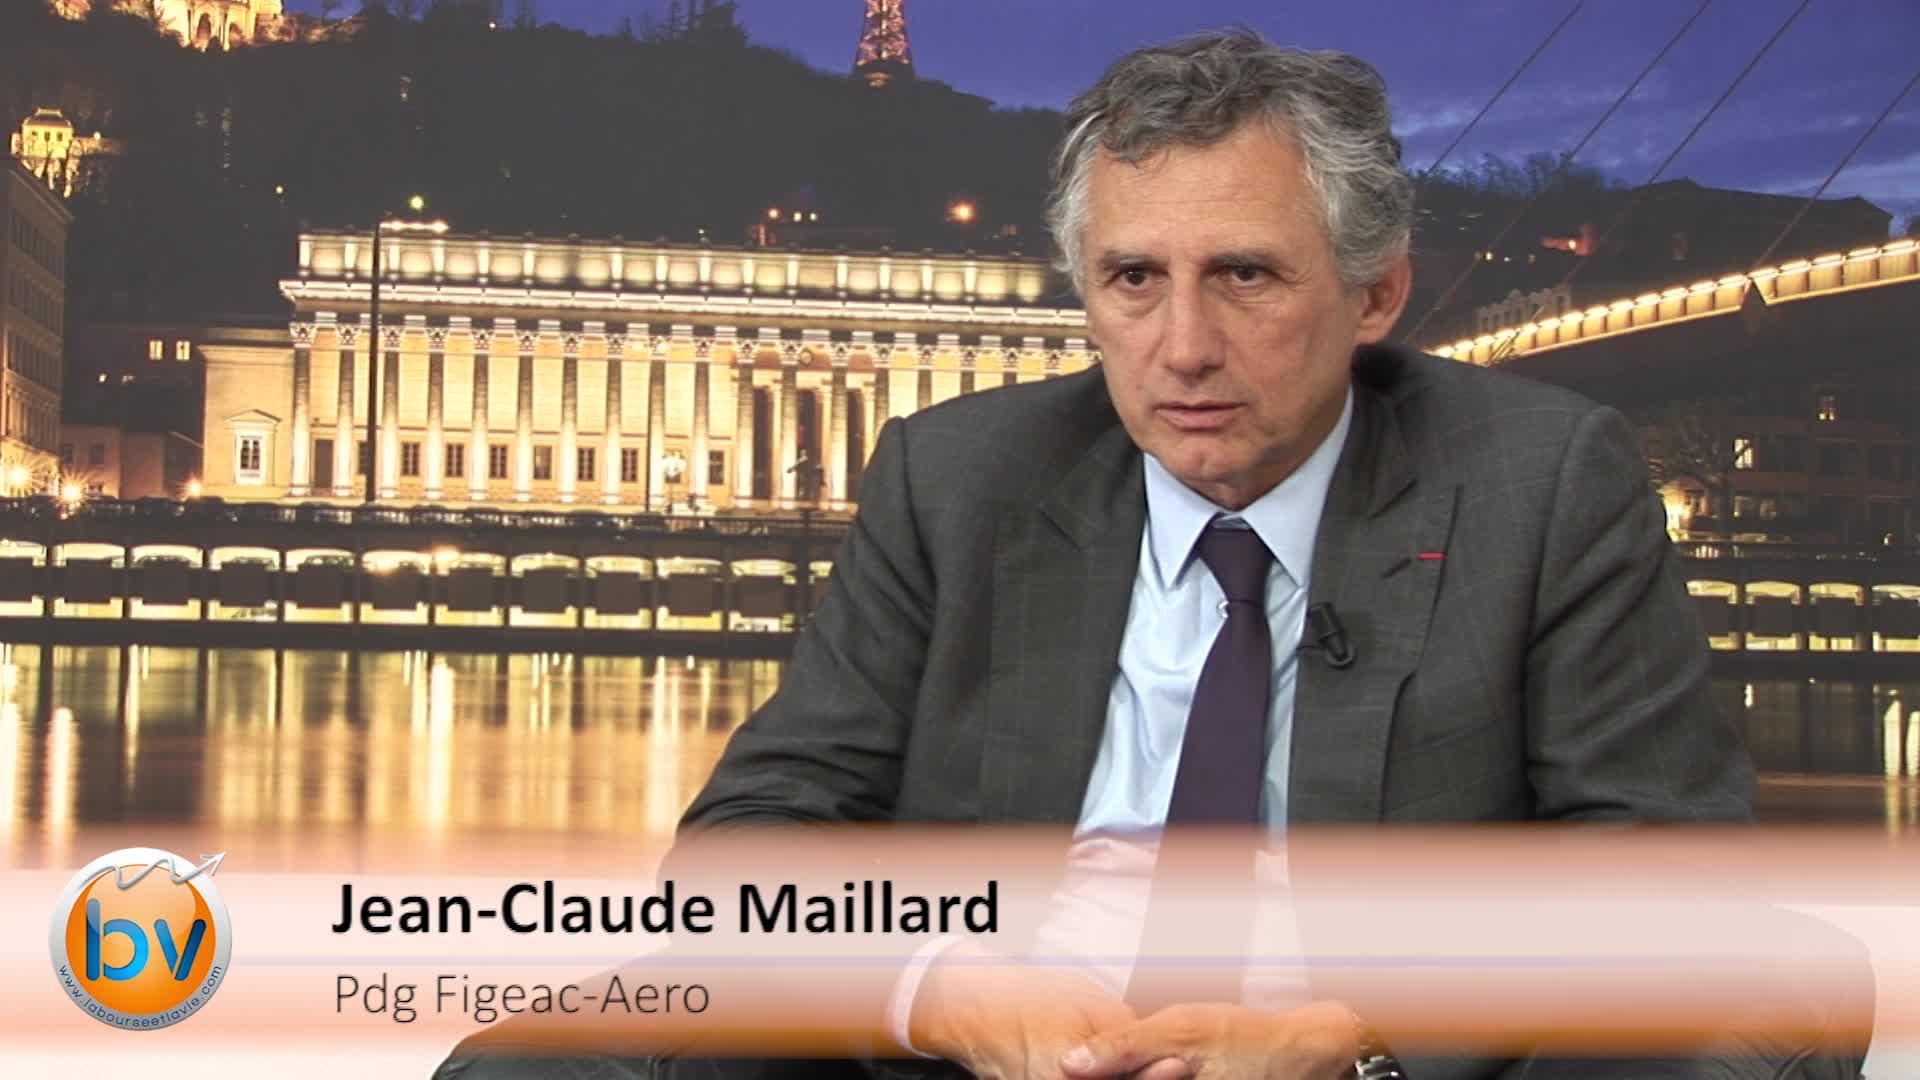 """Jean-Claude Maillard Pdg Figeac Aero : """"Si on veut maintenir les marges il faut produire plus vite un produit de qualité"""""""